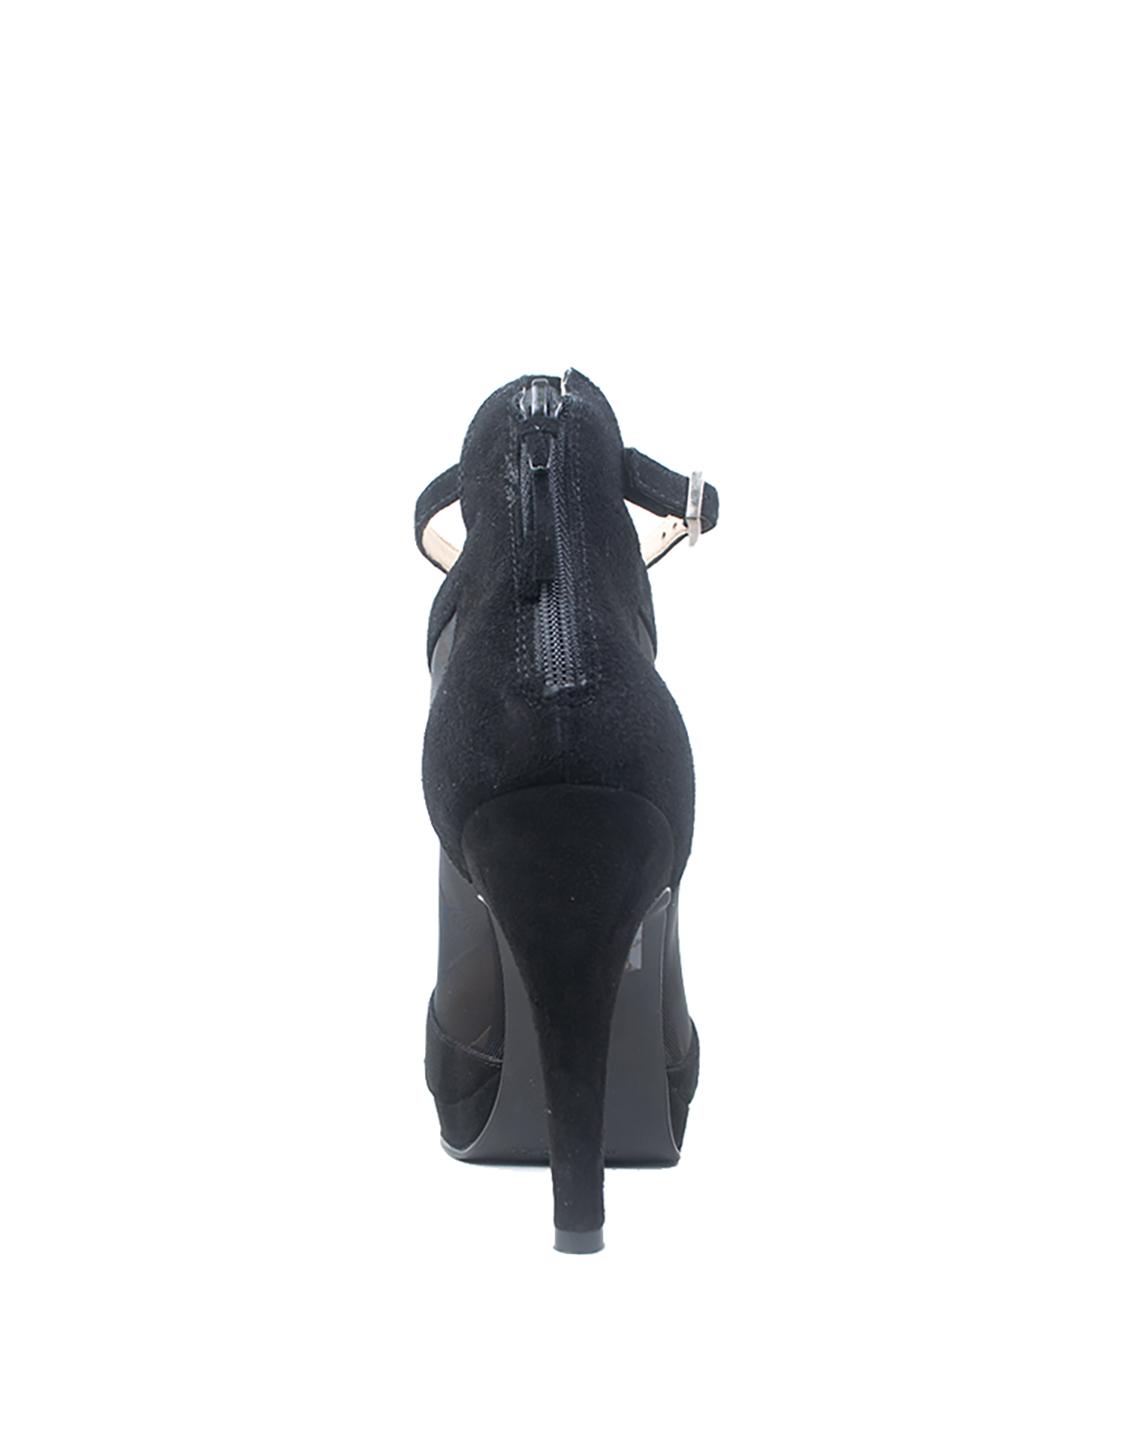 Calzado Bootie FBU-7883 Color Negro